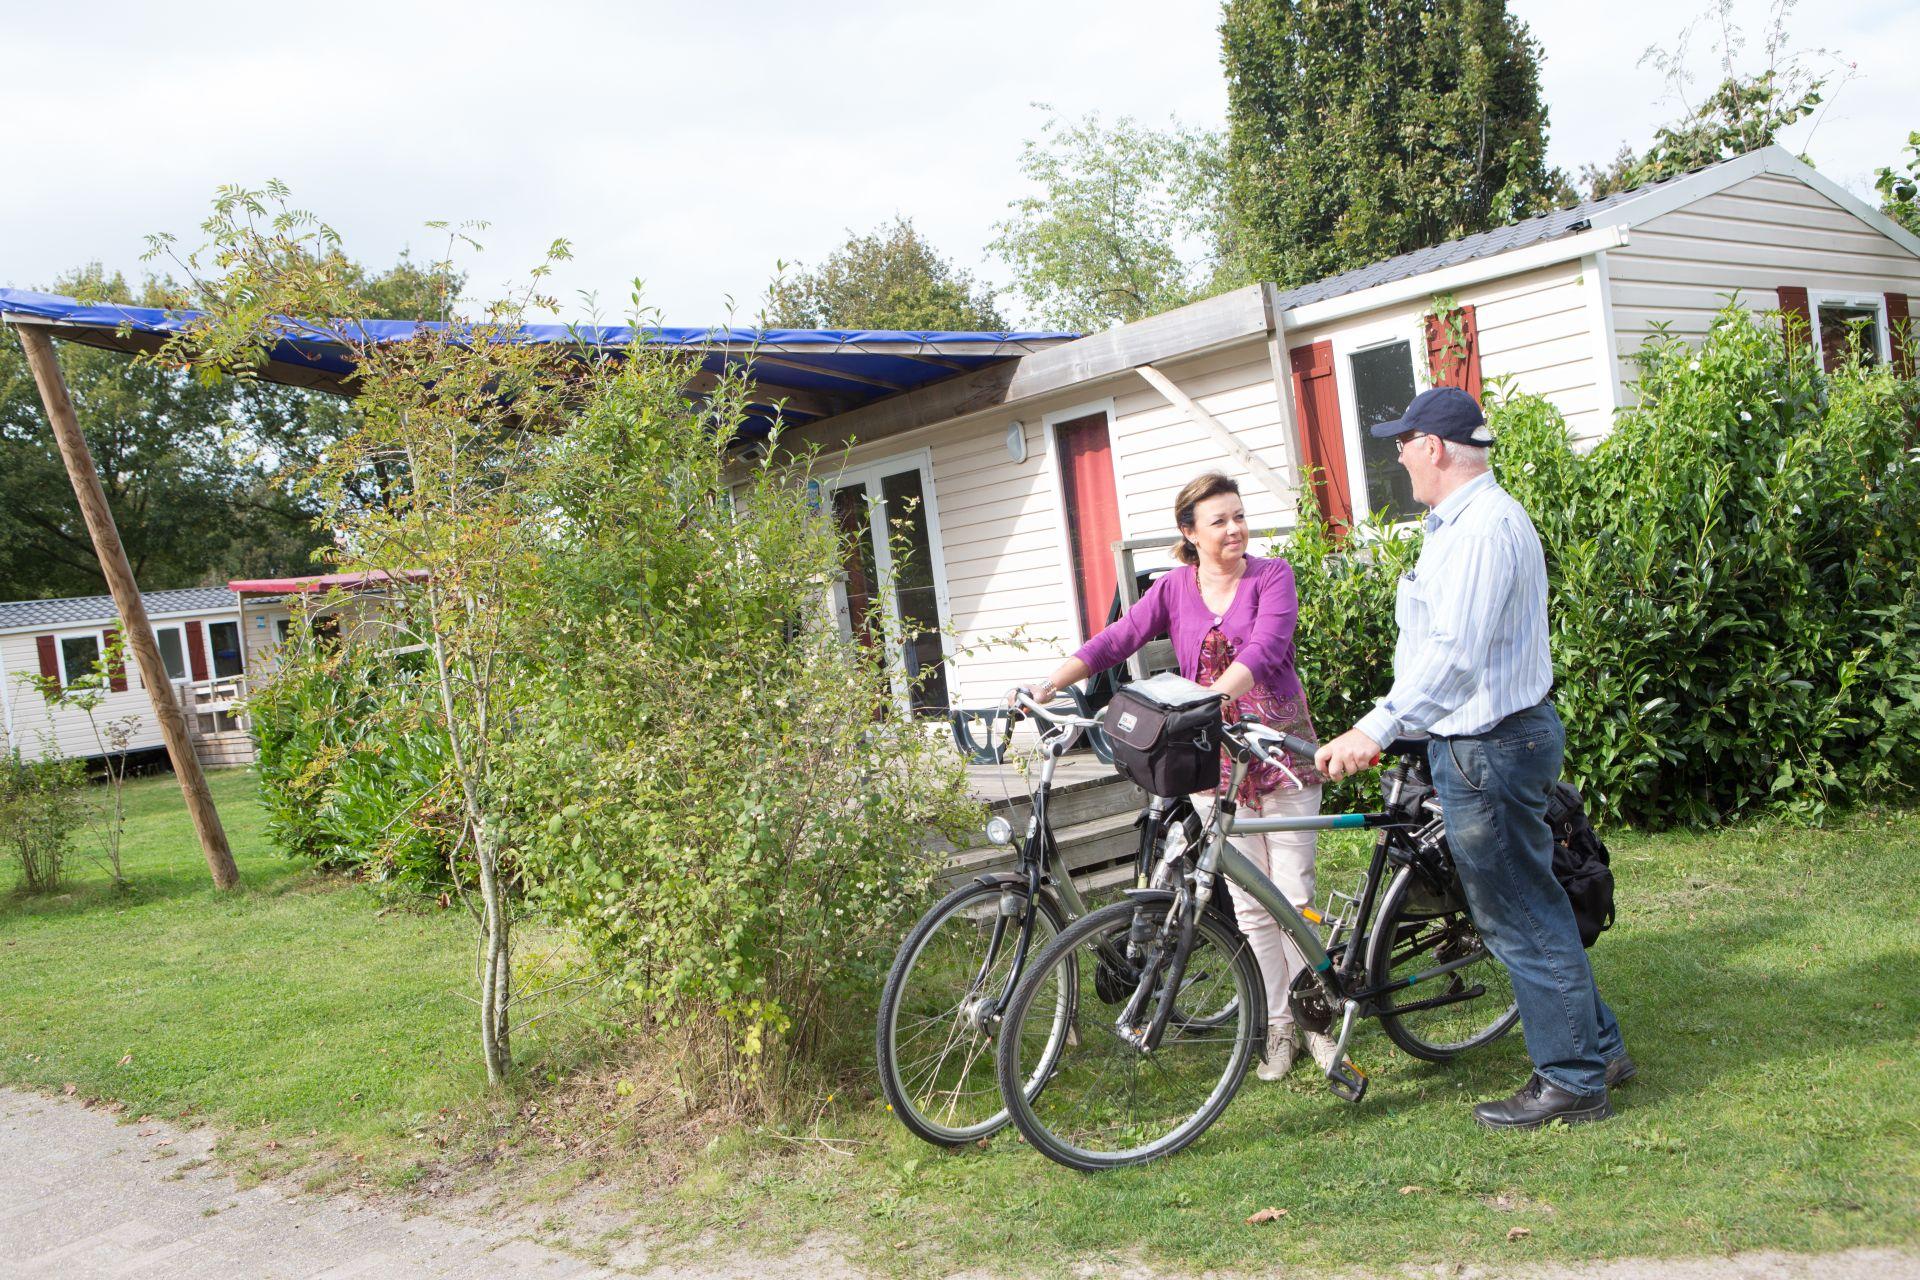 Het Stoetenslagh is de ideale seniorencamping in Overijssel - seniorencamping in het mooie Overijssel